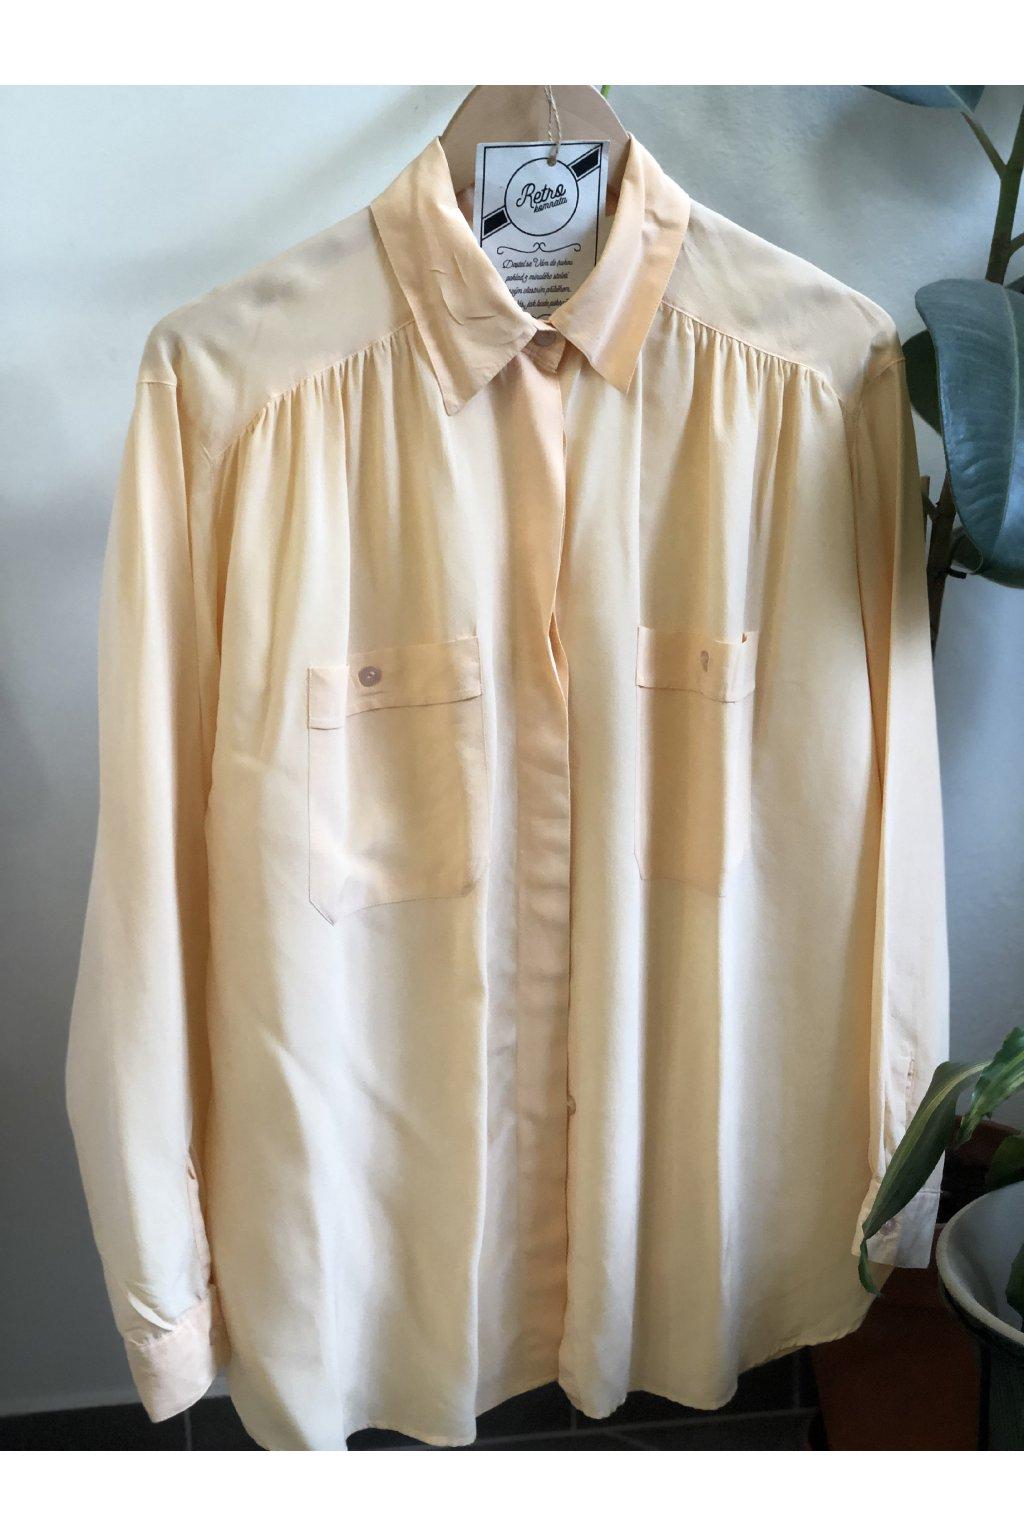 Meruňková hedvábná košile vel. XL